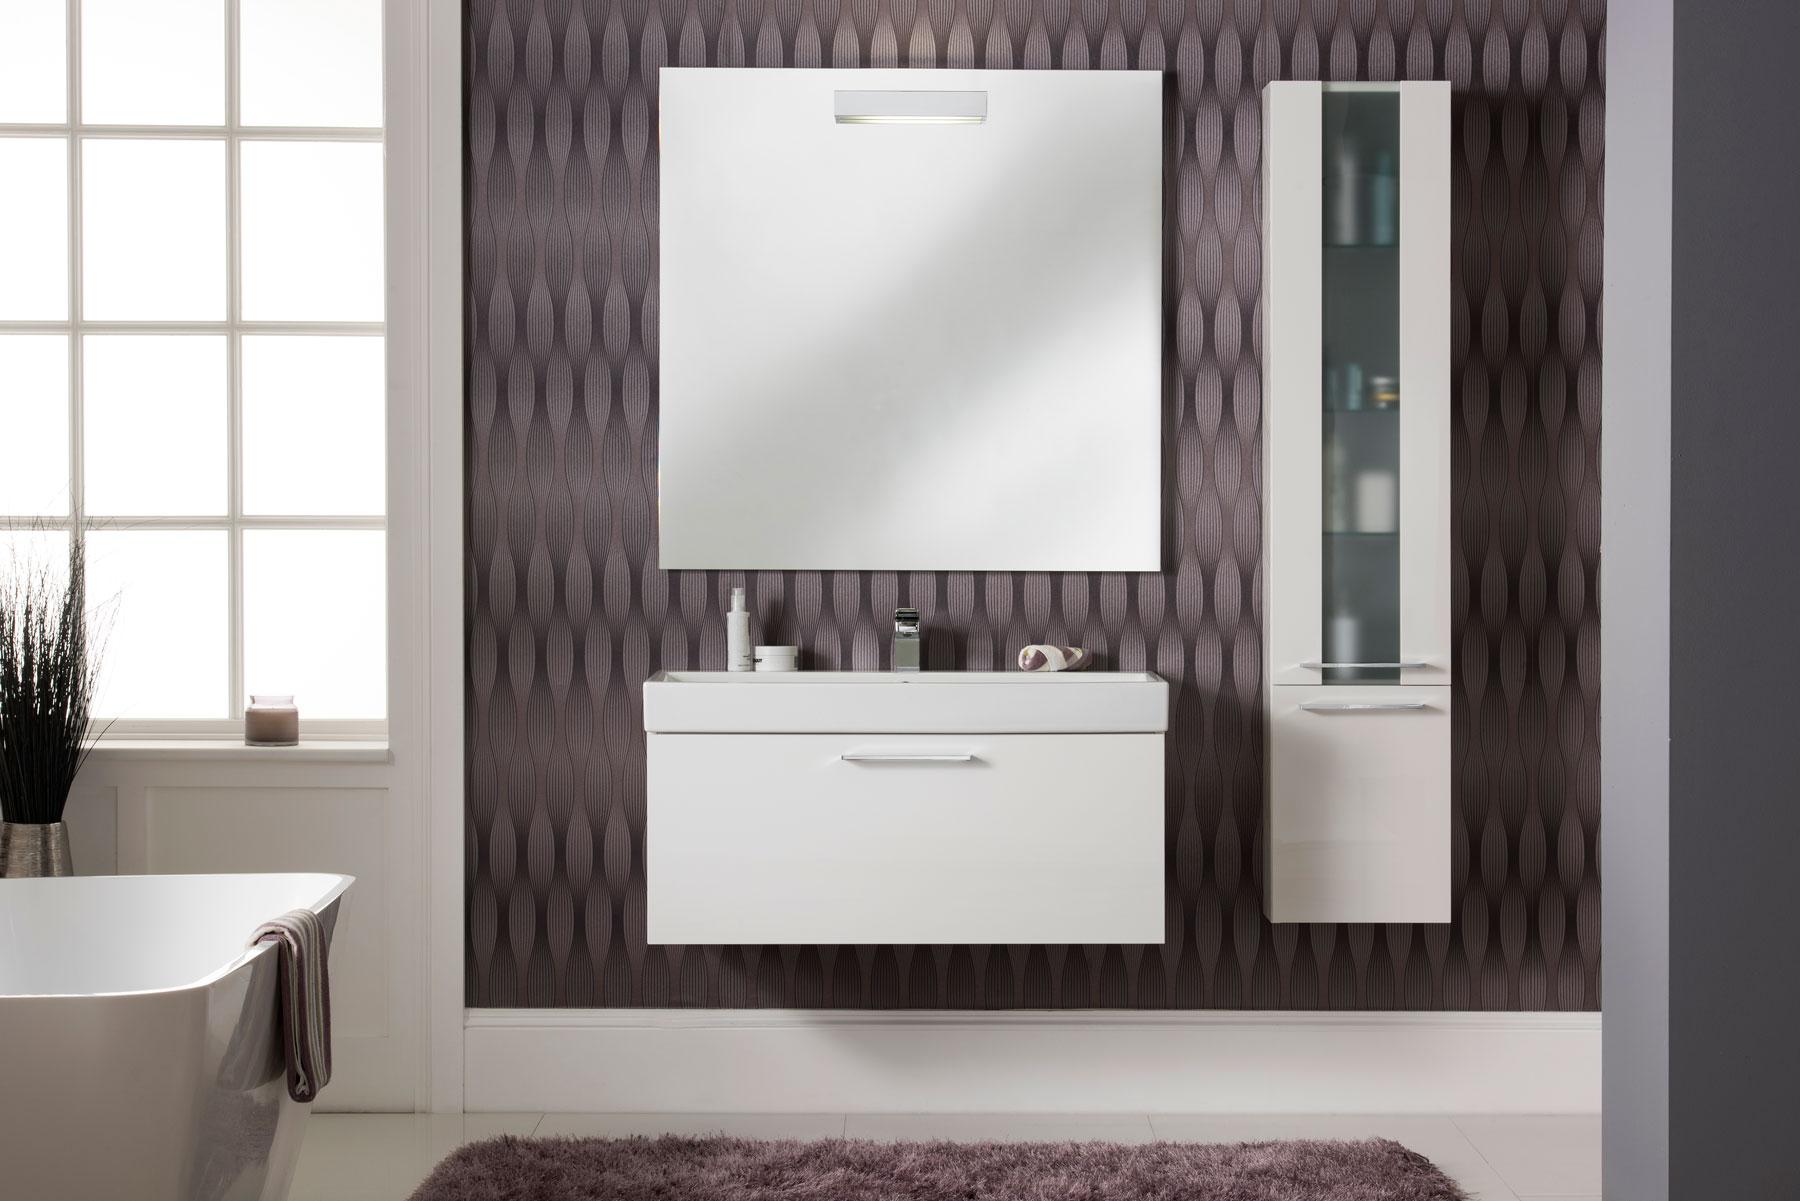 Catalano - Herts Bathrooms